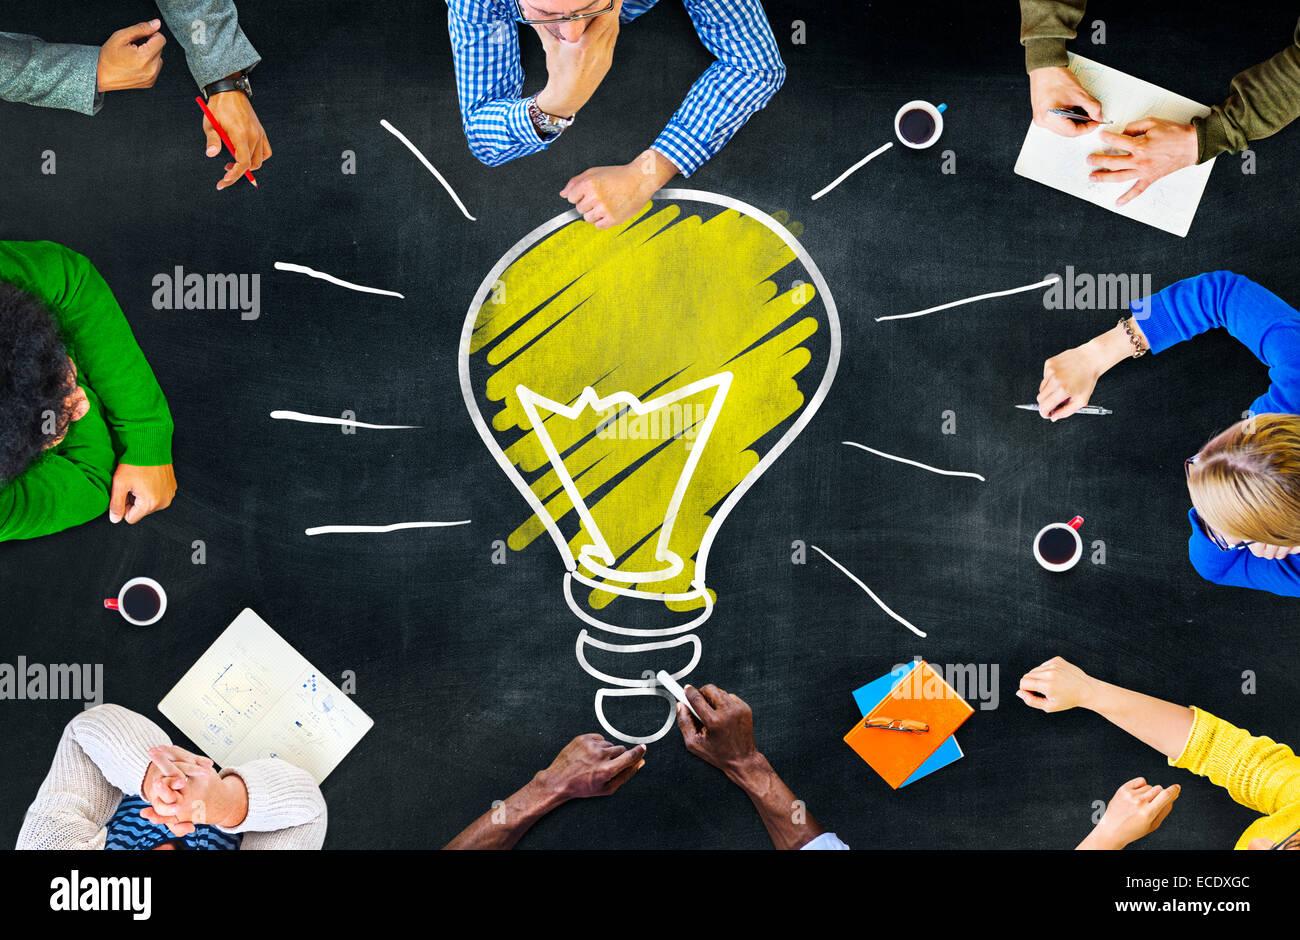 Ideas Pensamientos Pensamientos de aprendizaje inteligencia conocimiento Concepto de reunión Imagen De Stock